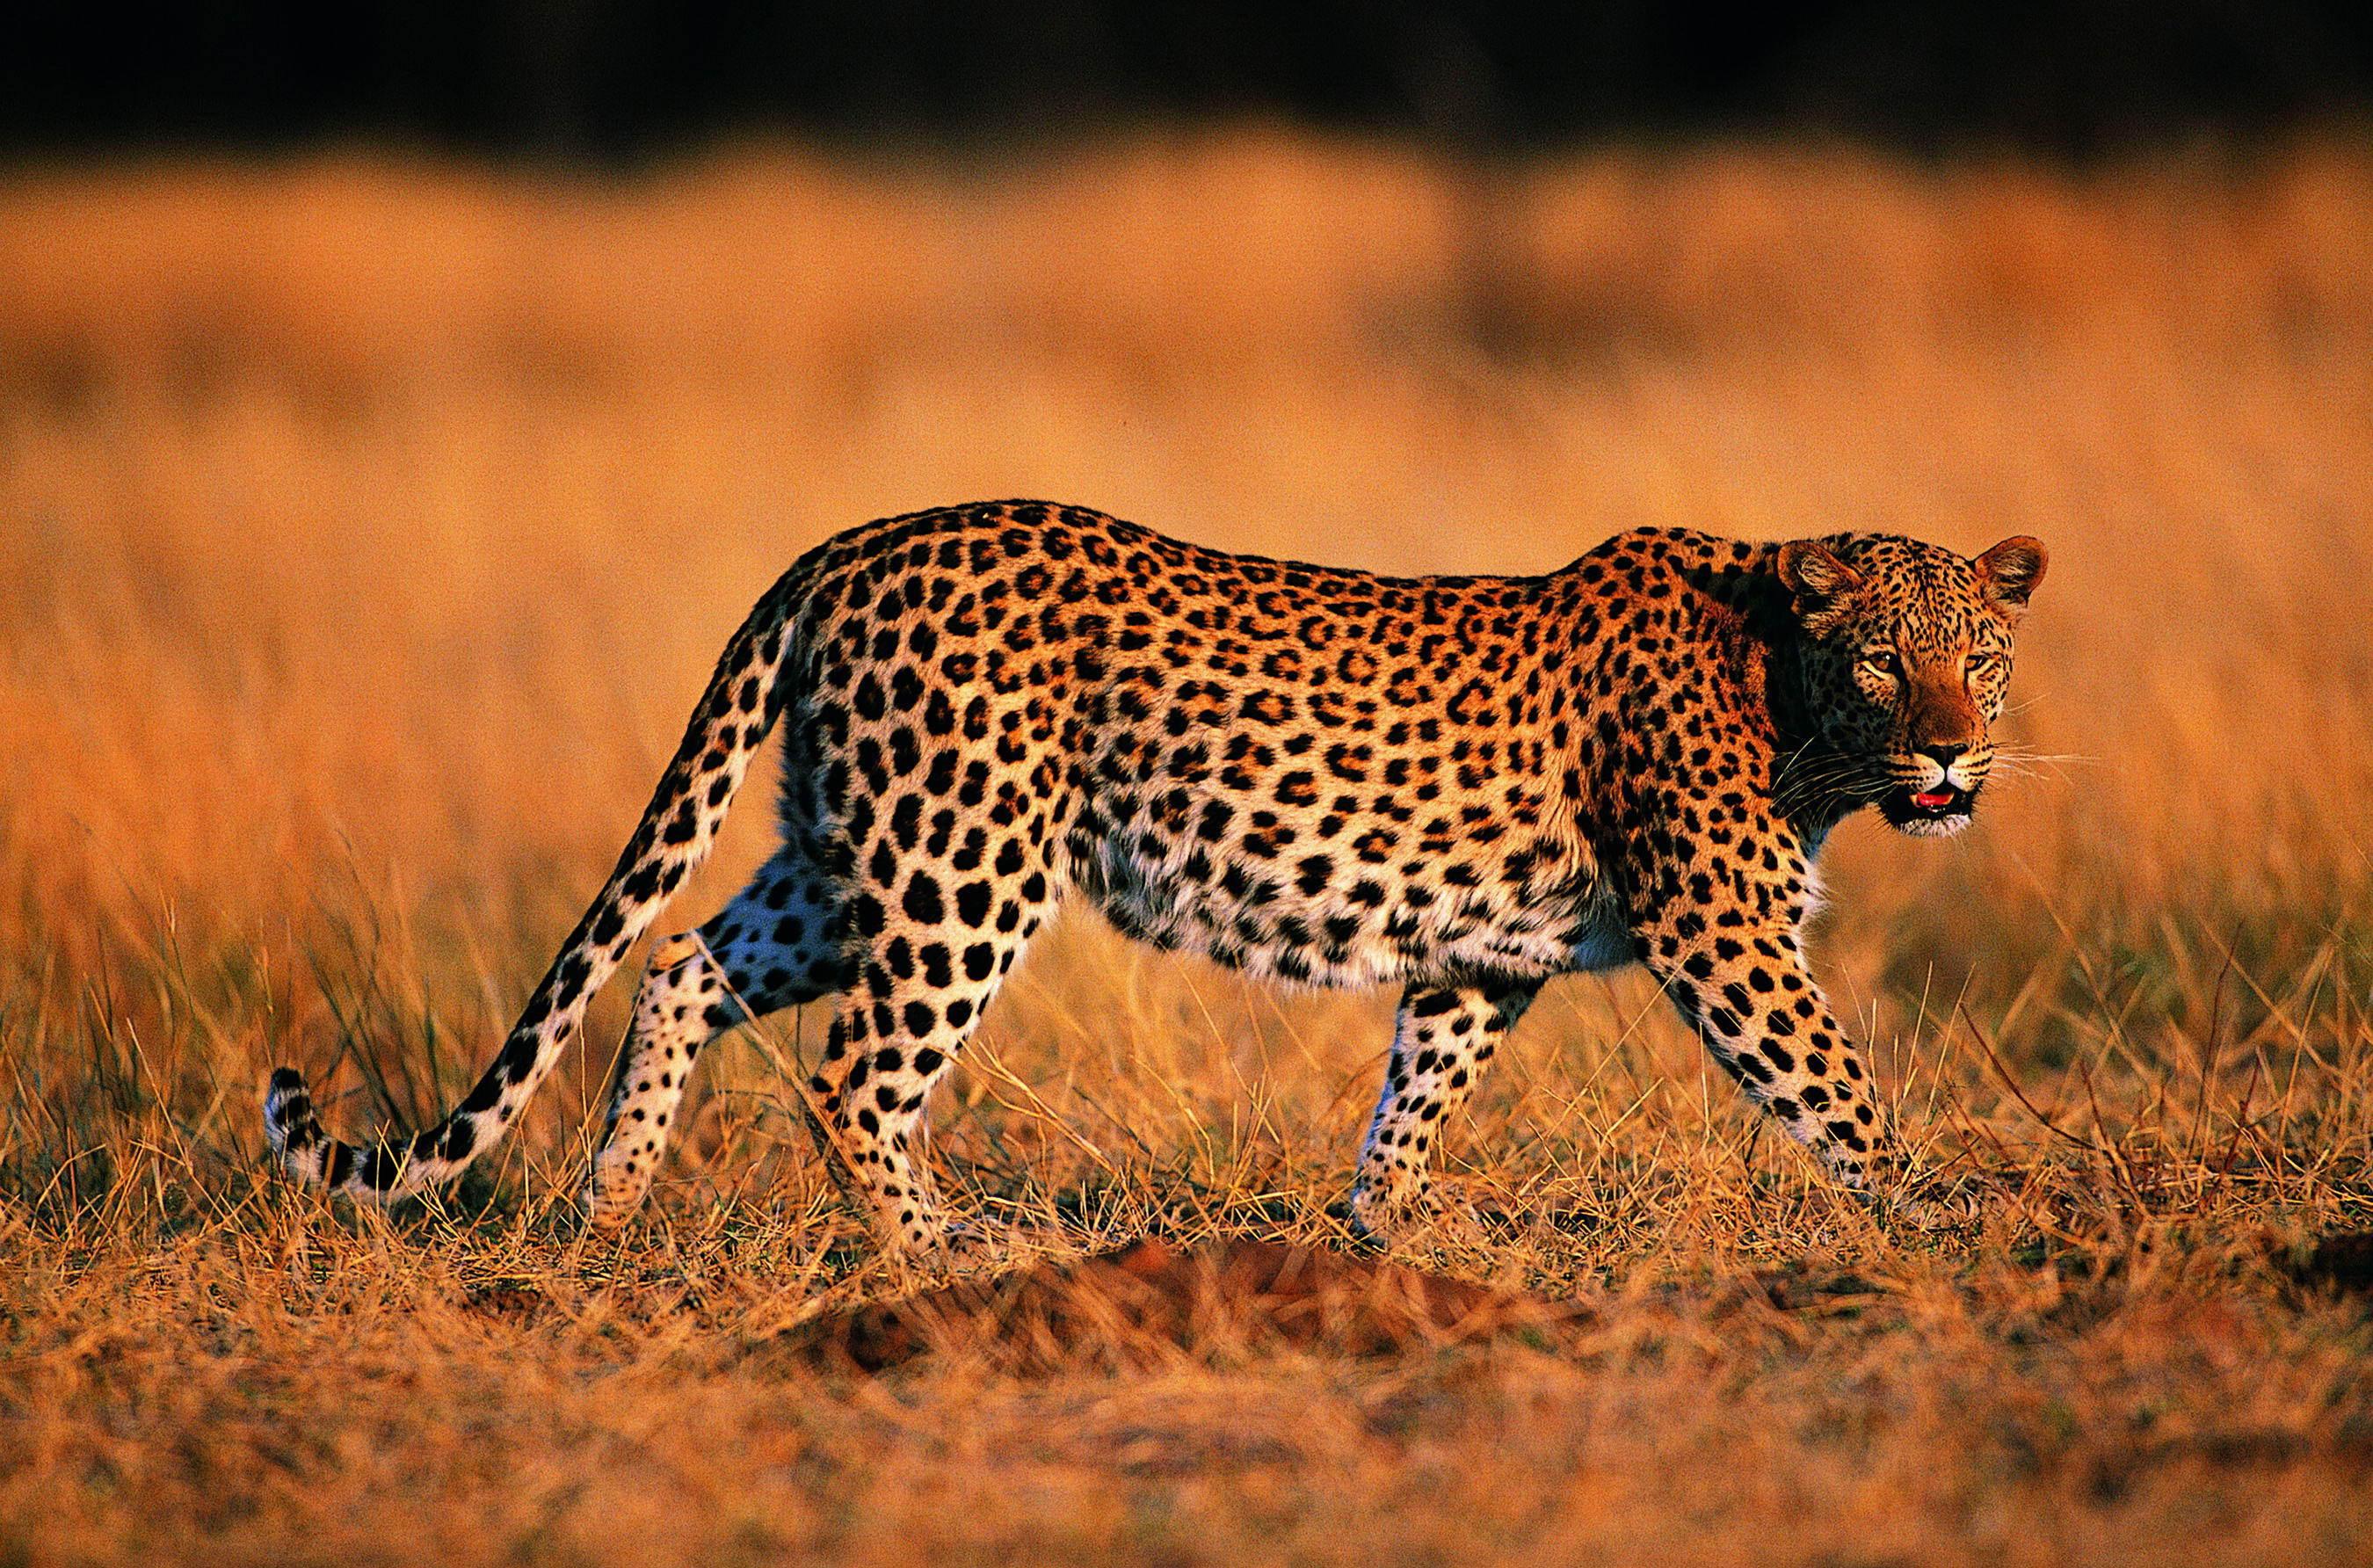 друг картинки гепарда и леопарда на рабочий стол населенного пункта случайно